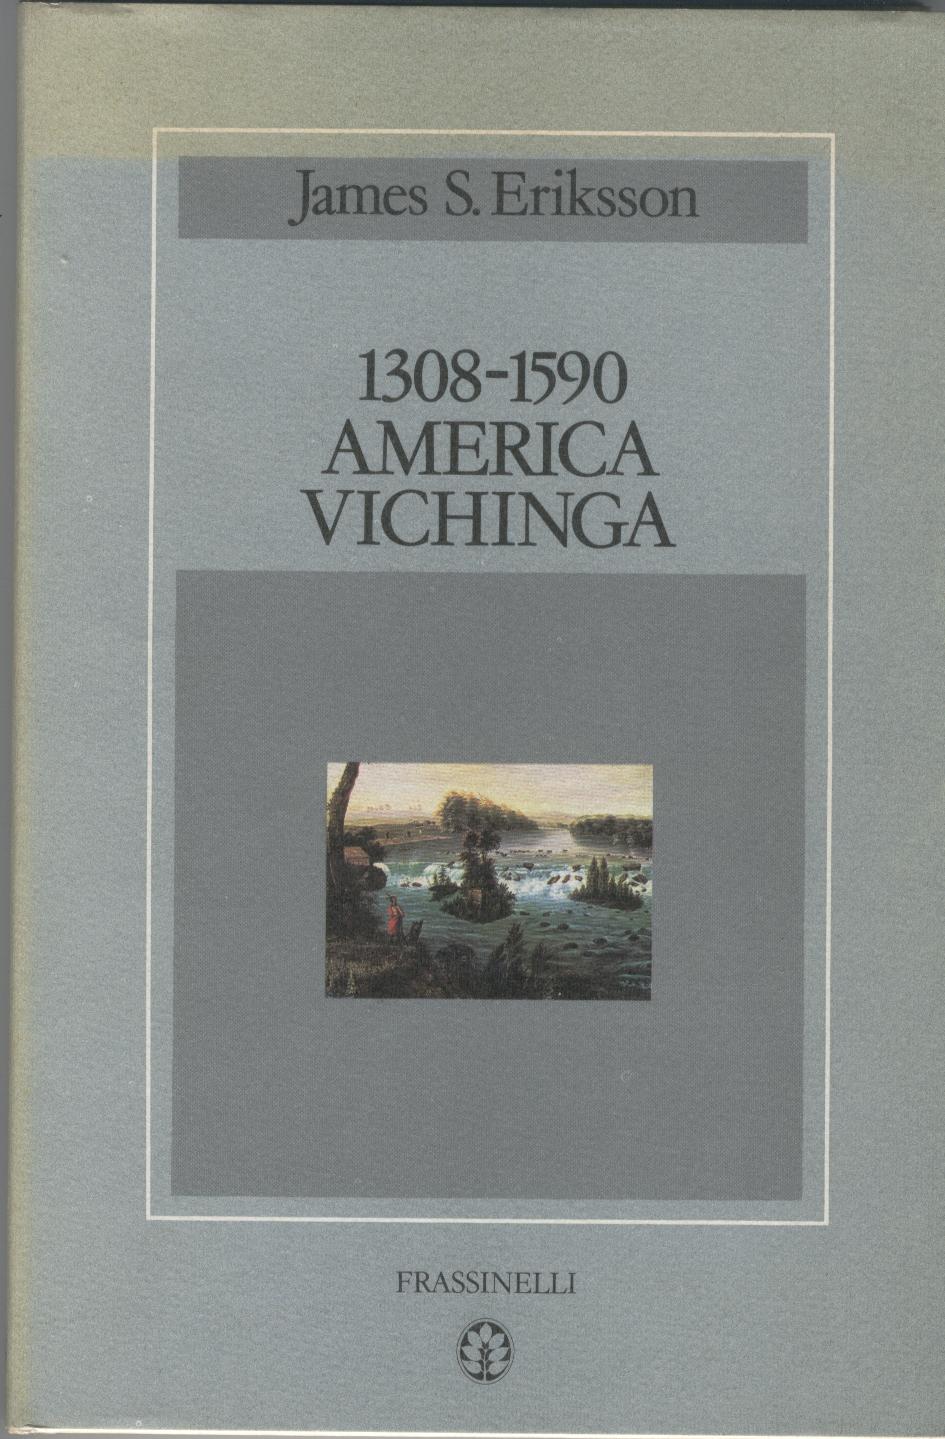 1308-1590 America vichinga